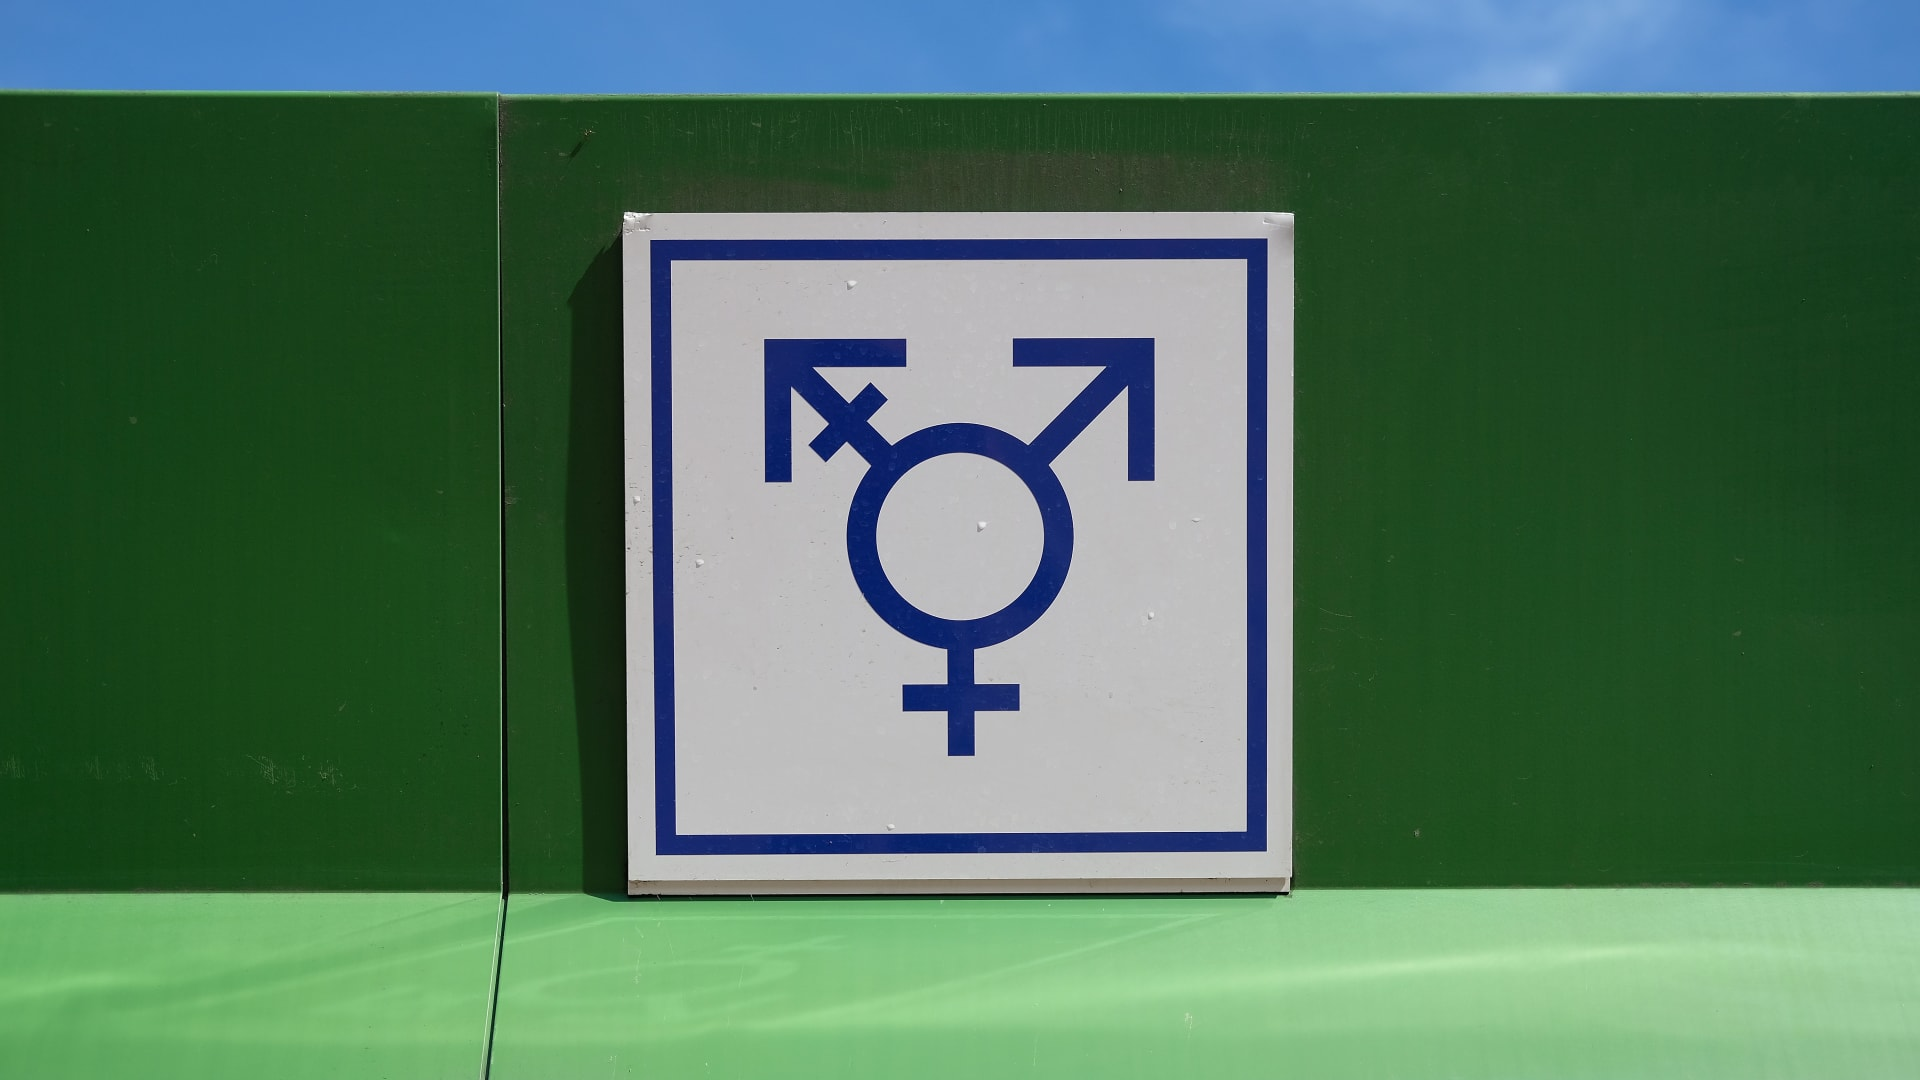 شاهد ردة فعل متحول جنسياً يحلق ذقنه لأول مرة